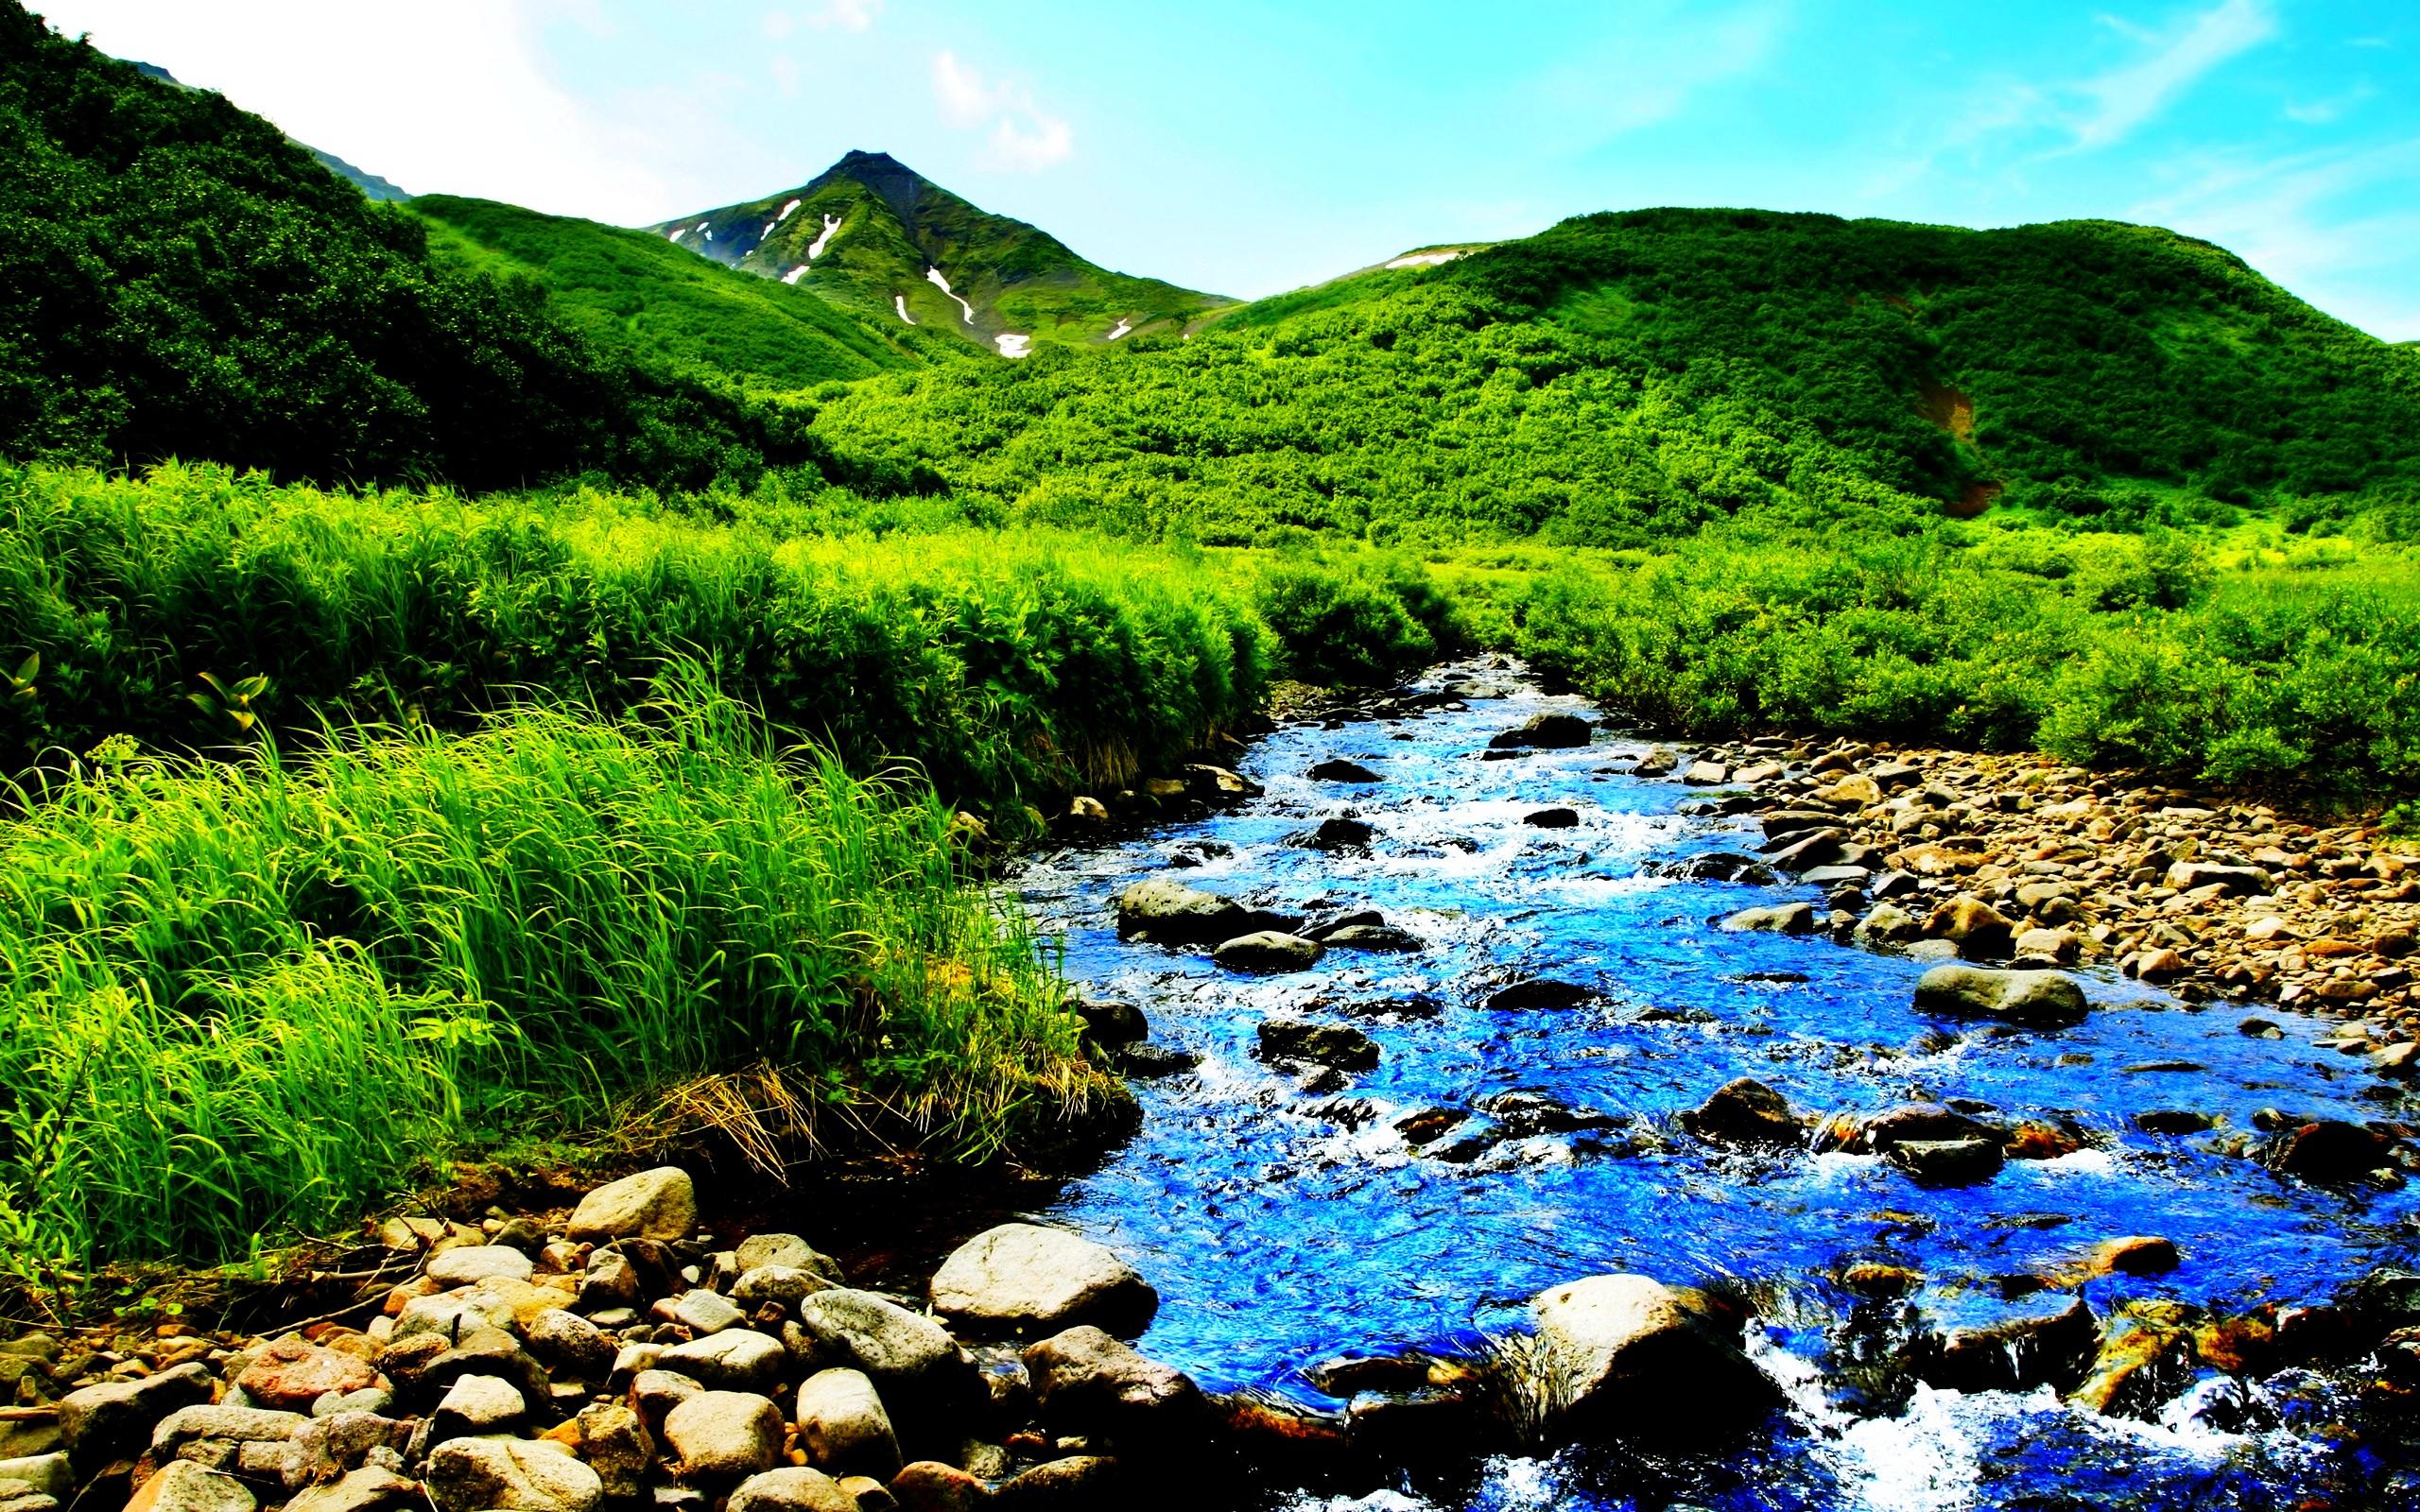 river stream - HD Desktop Wallpapers | 4k HD